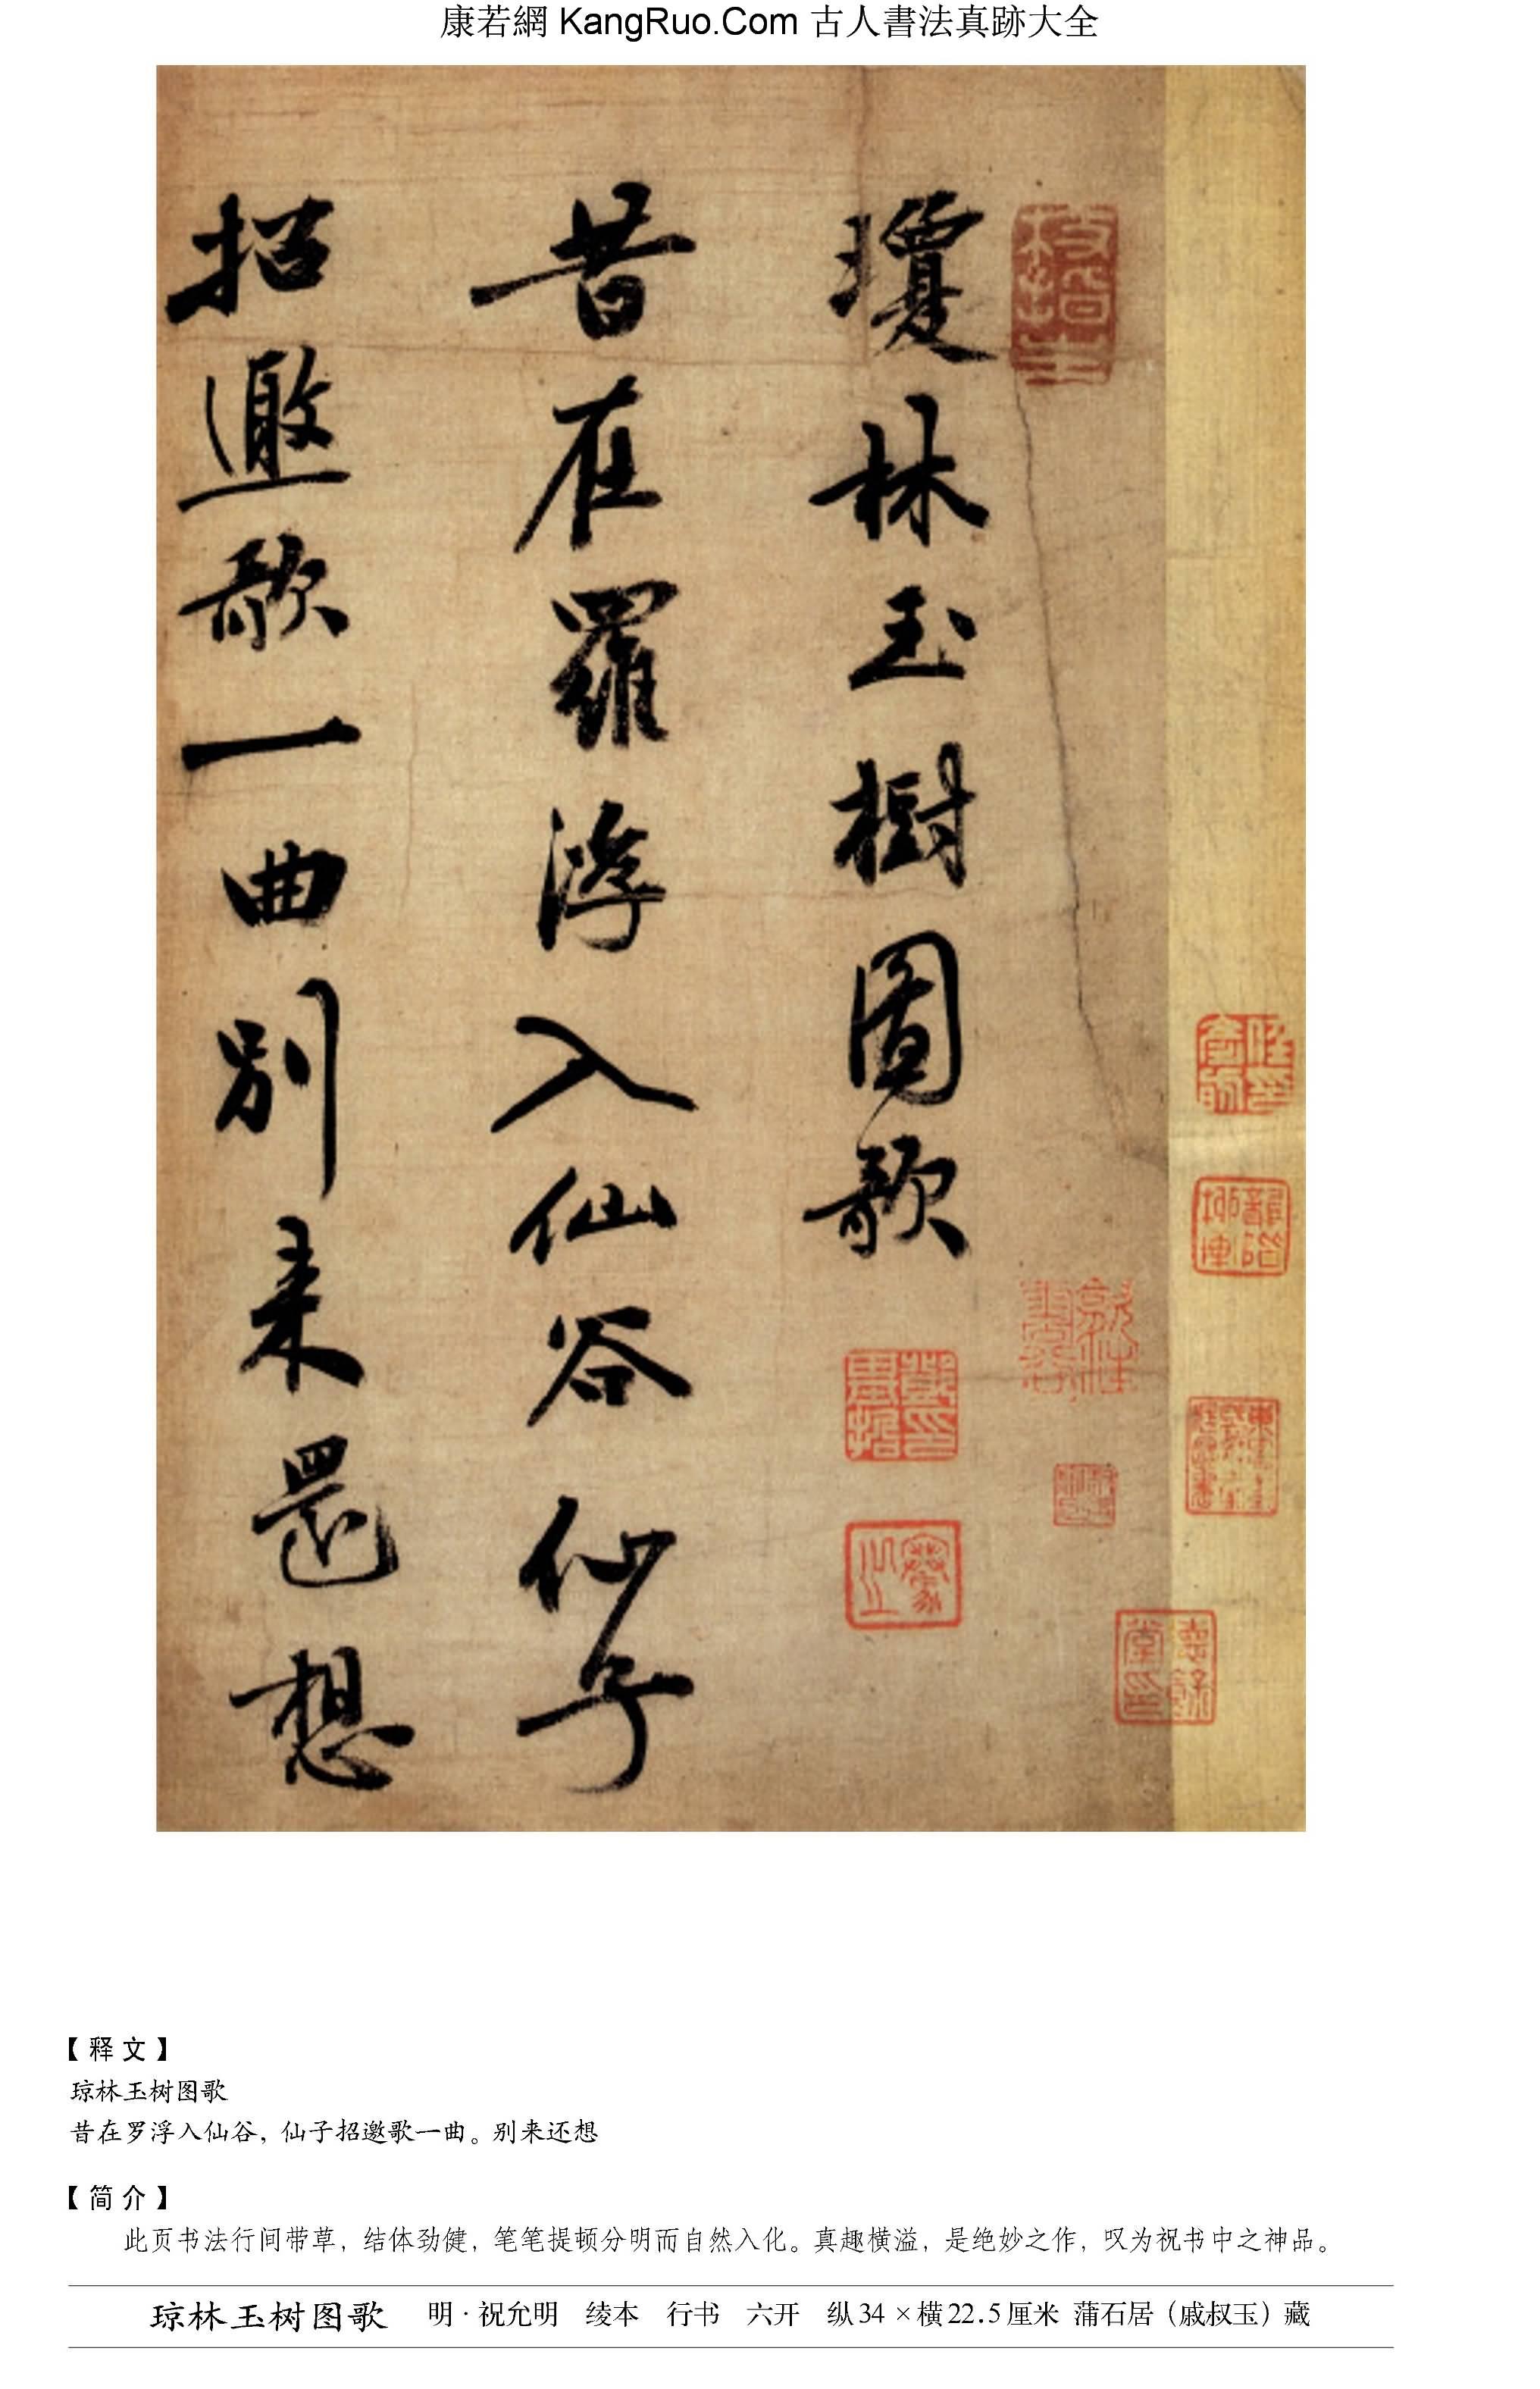 《瓊林玉樹圖歌》書法真跡(行書)【明朝·祝允明】_00184